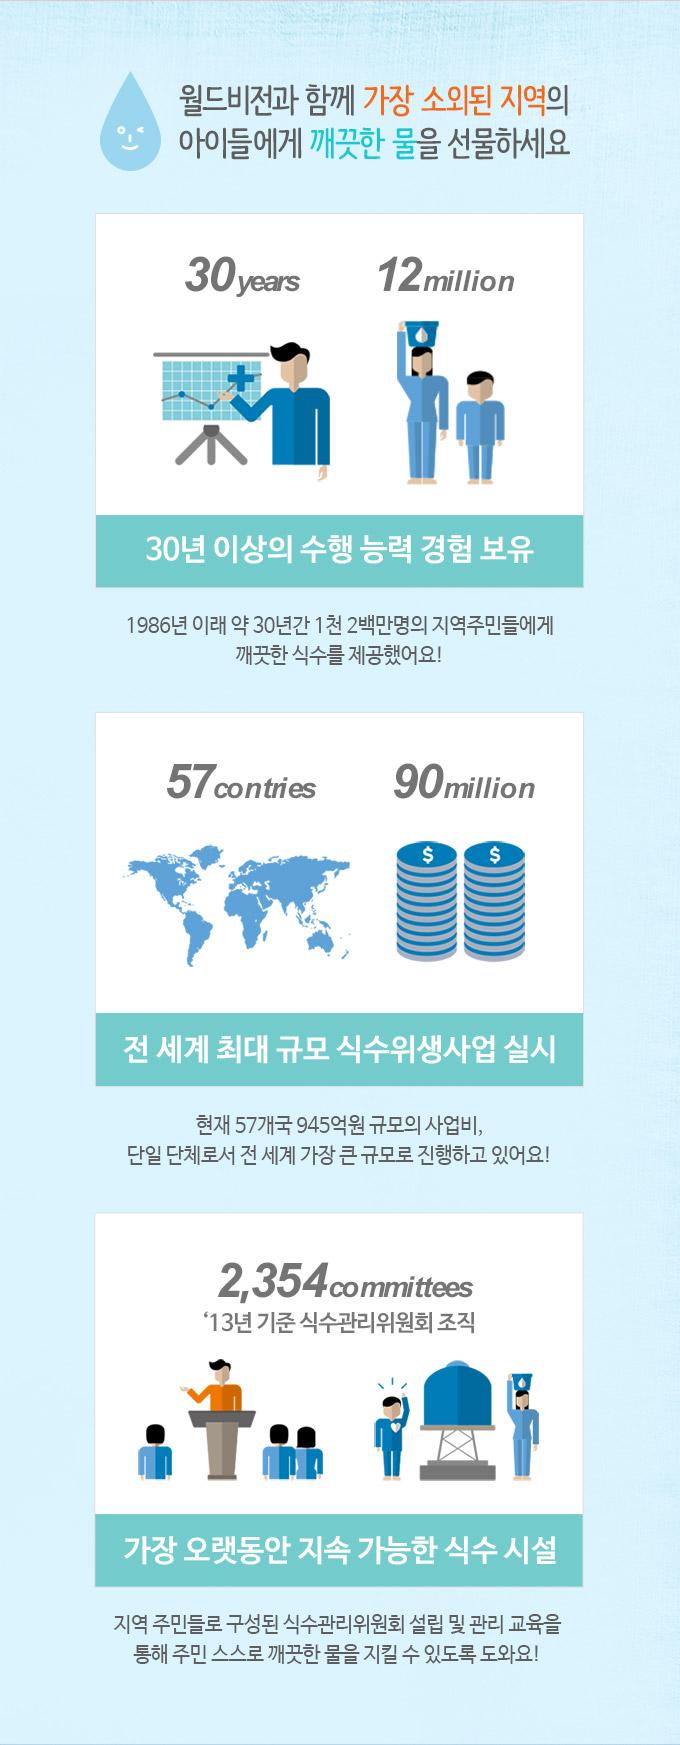 월드비전과 함께 가장 소외된 지역의 아이들에게 깨끗한 물을 선물하세요